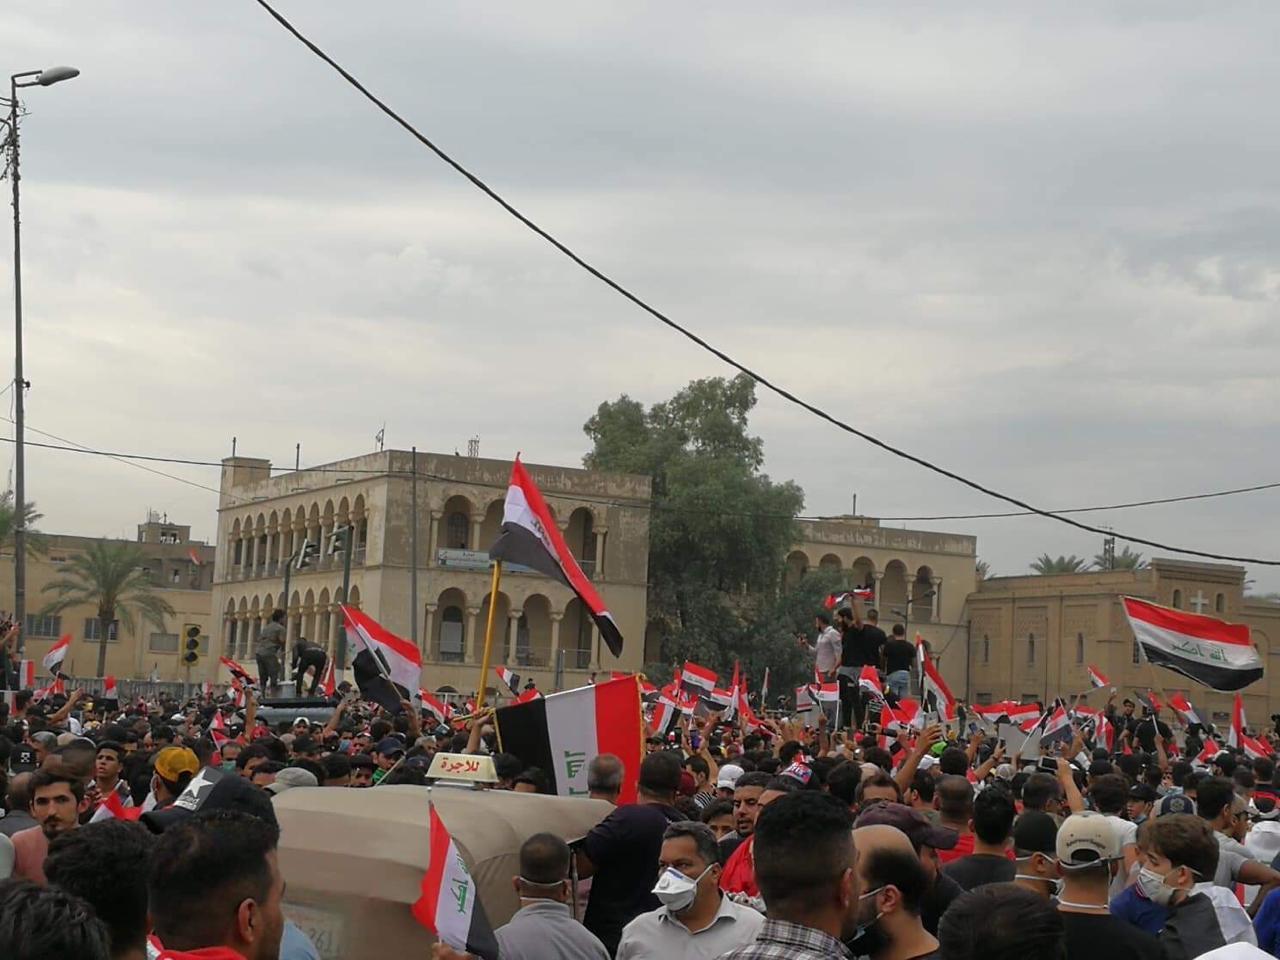 مفوضية حقوق الانسان توثق بالأرقام عمليات قتل طالت متظاهرين عراقيين